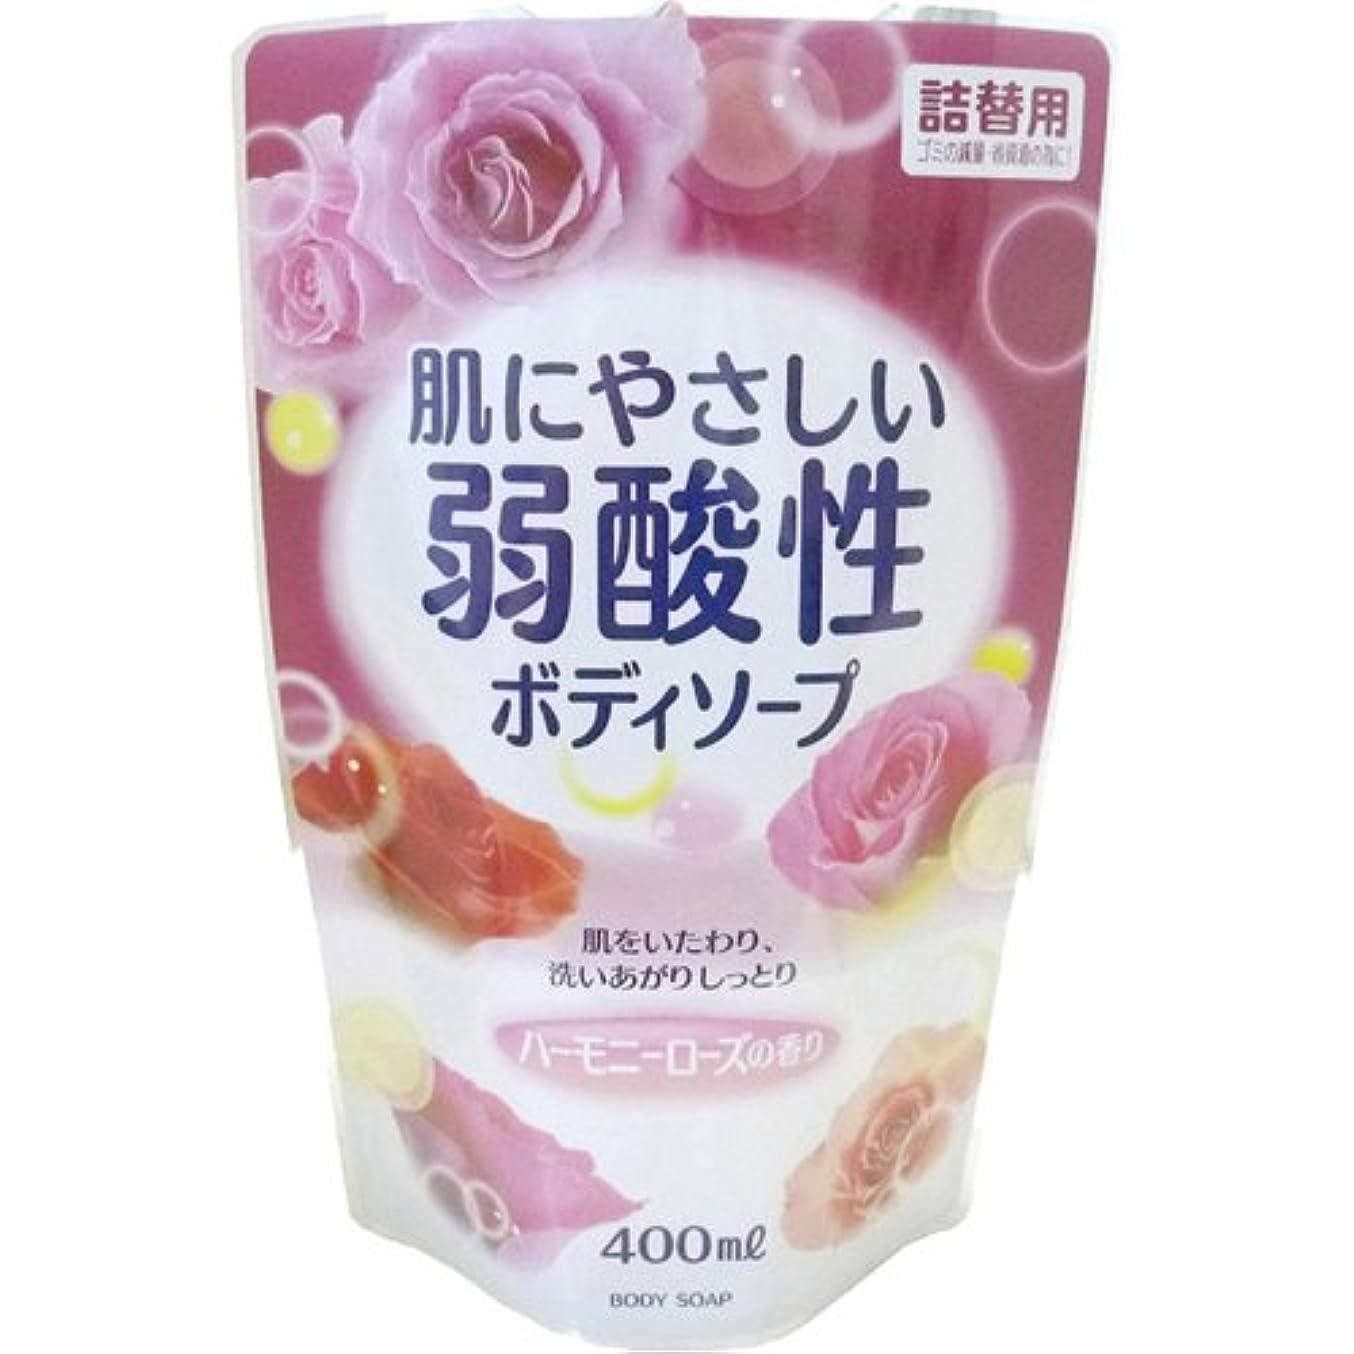 整然とした生理を除く弱酸性ボディソープ ハーモニーローズの香り 詰替用 400ml